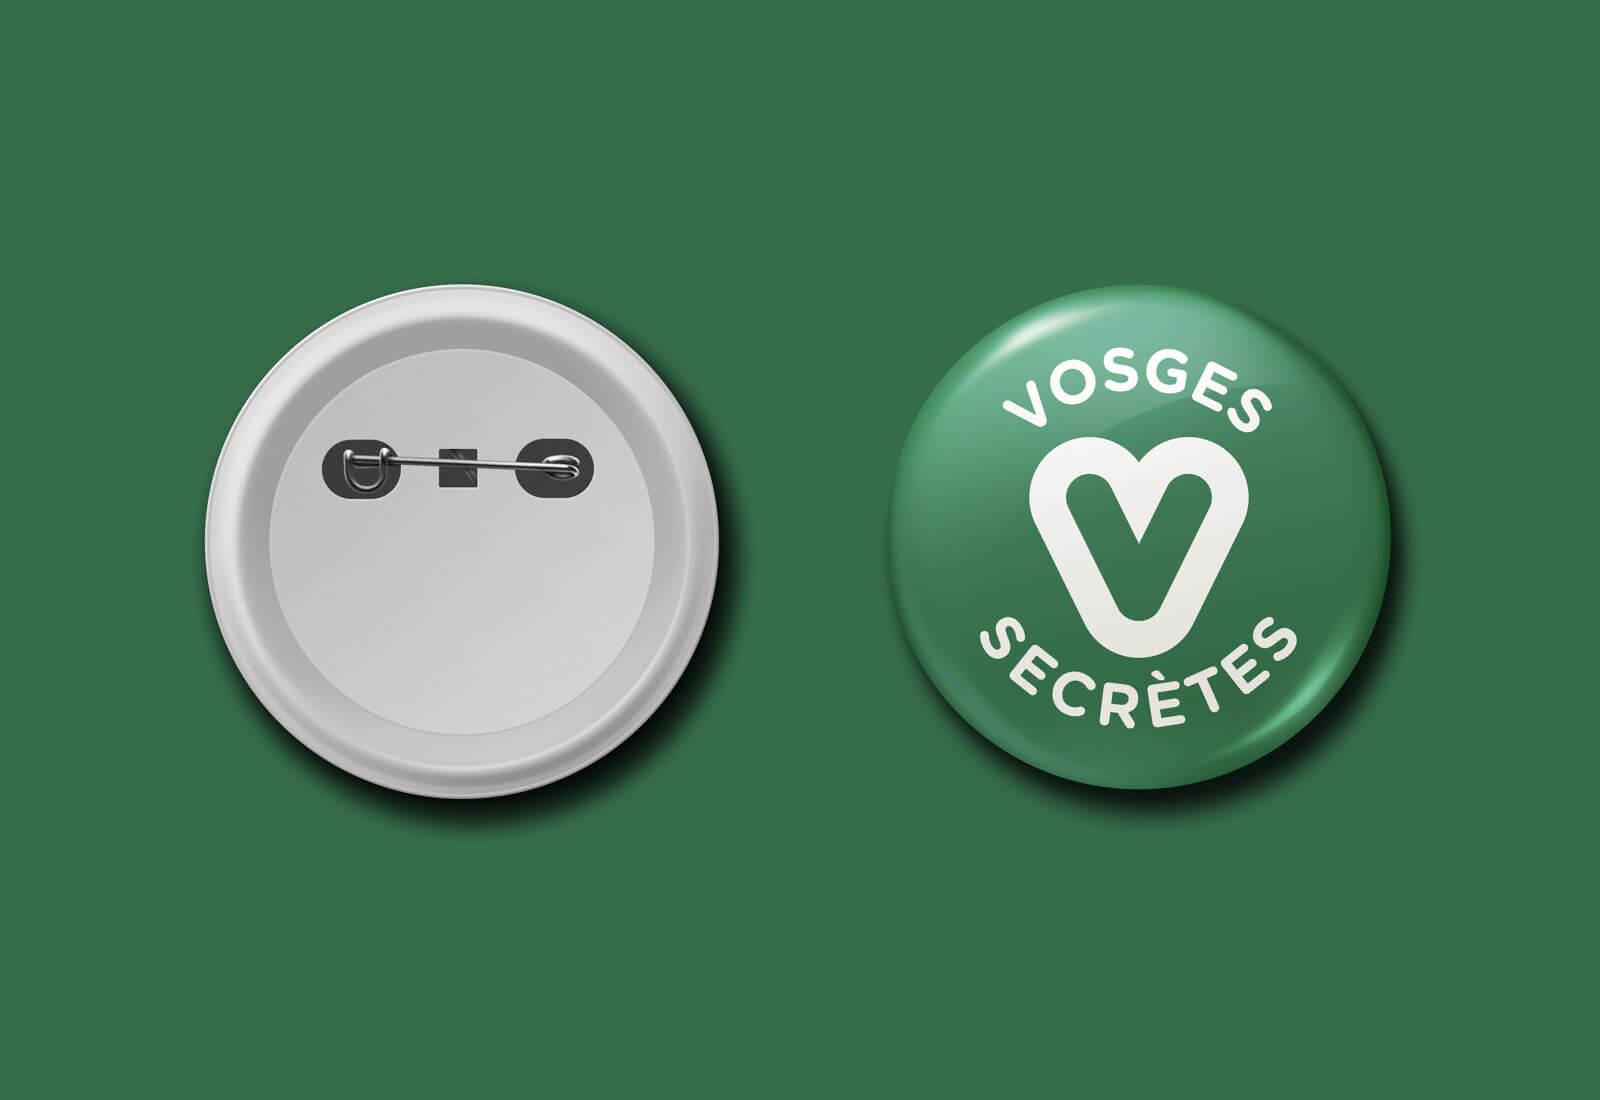 lezardscreation agence communication publicite vosges remiremont vosges secretes vosges secretes badge